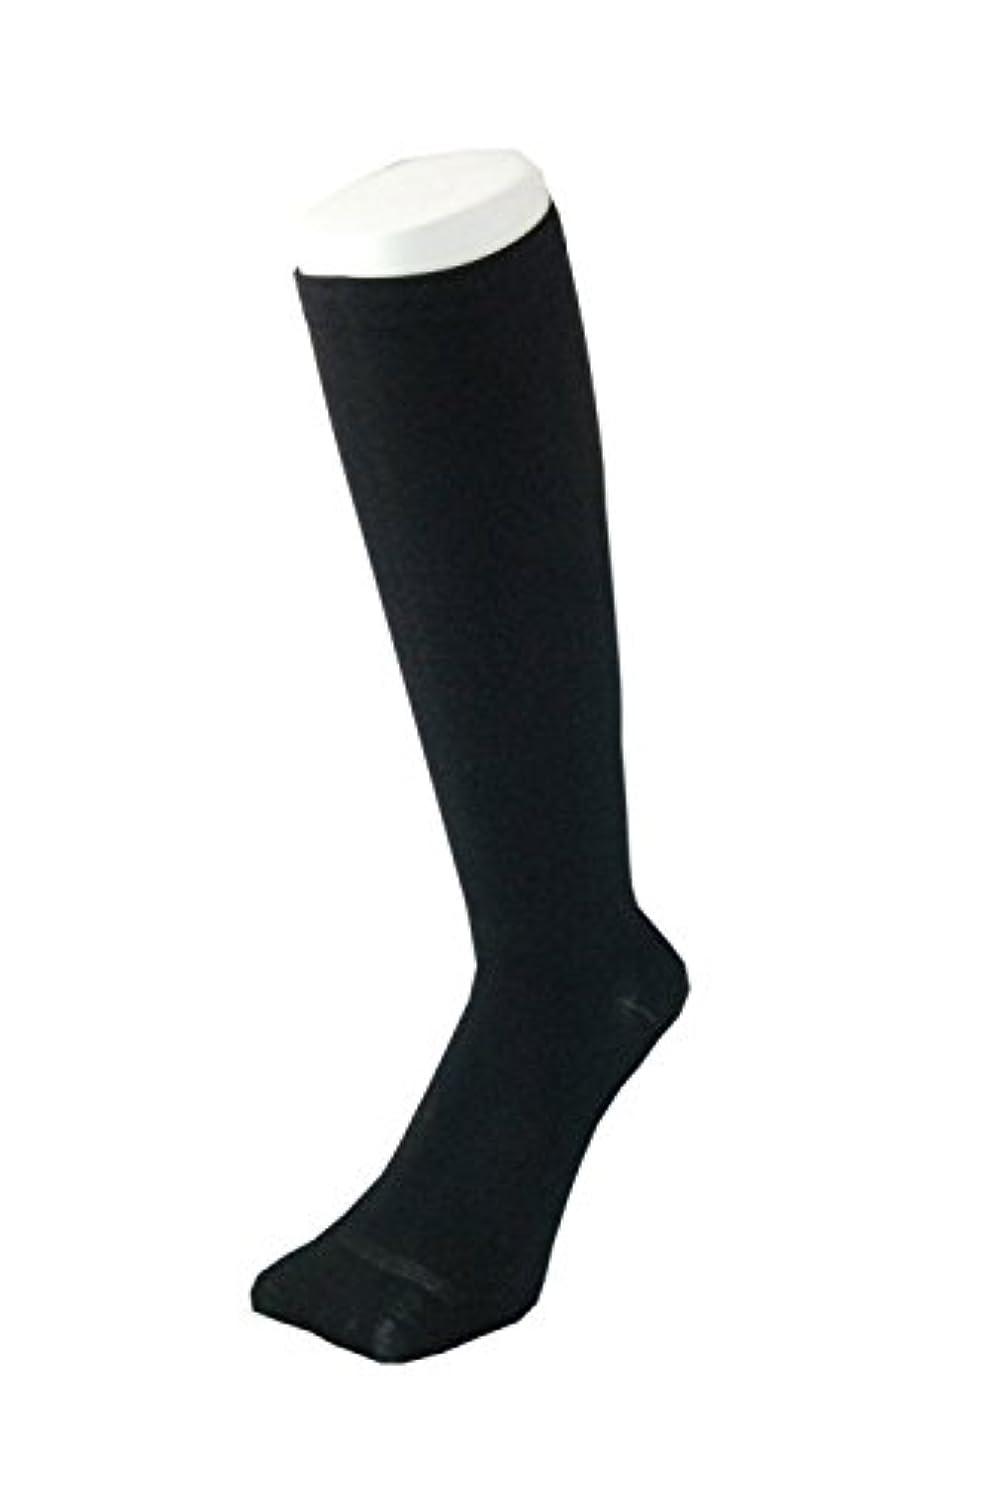 戻る乱用世代PAX-ASIAN 紳士?メンズ 着圧靴下 (25~27cm ) ムクミ解消 締め付け サポート 抗菌 ソックス 黒色?ブラック 3足組